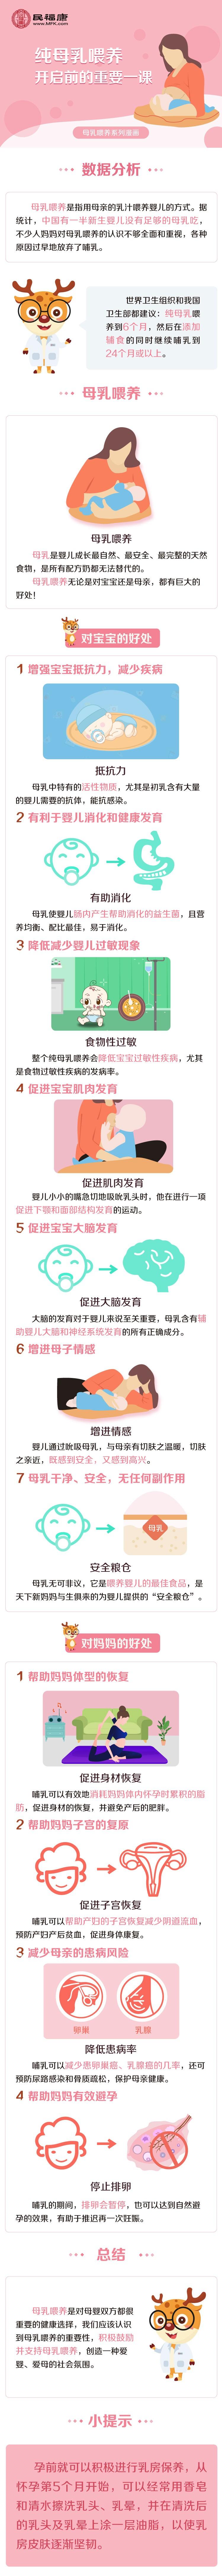 让你一图了解母乳喂养的重要性